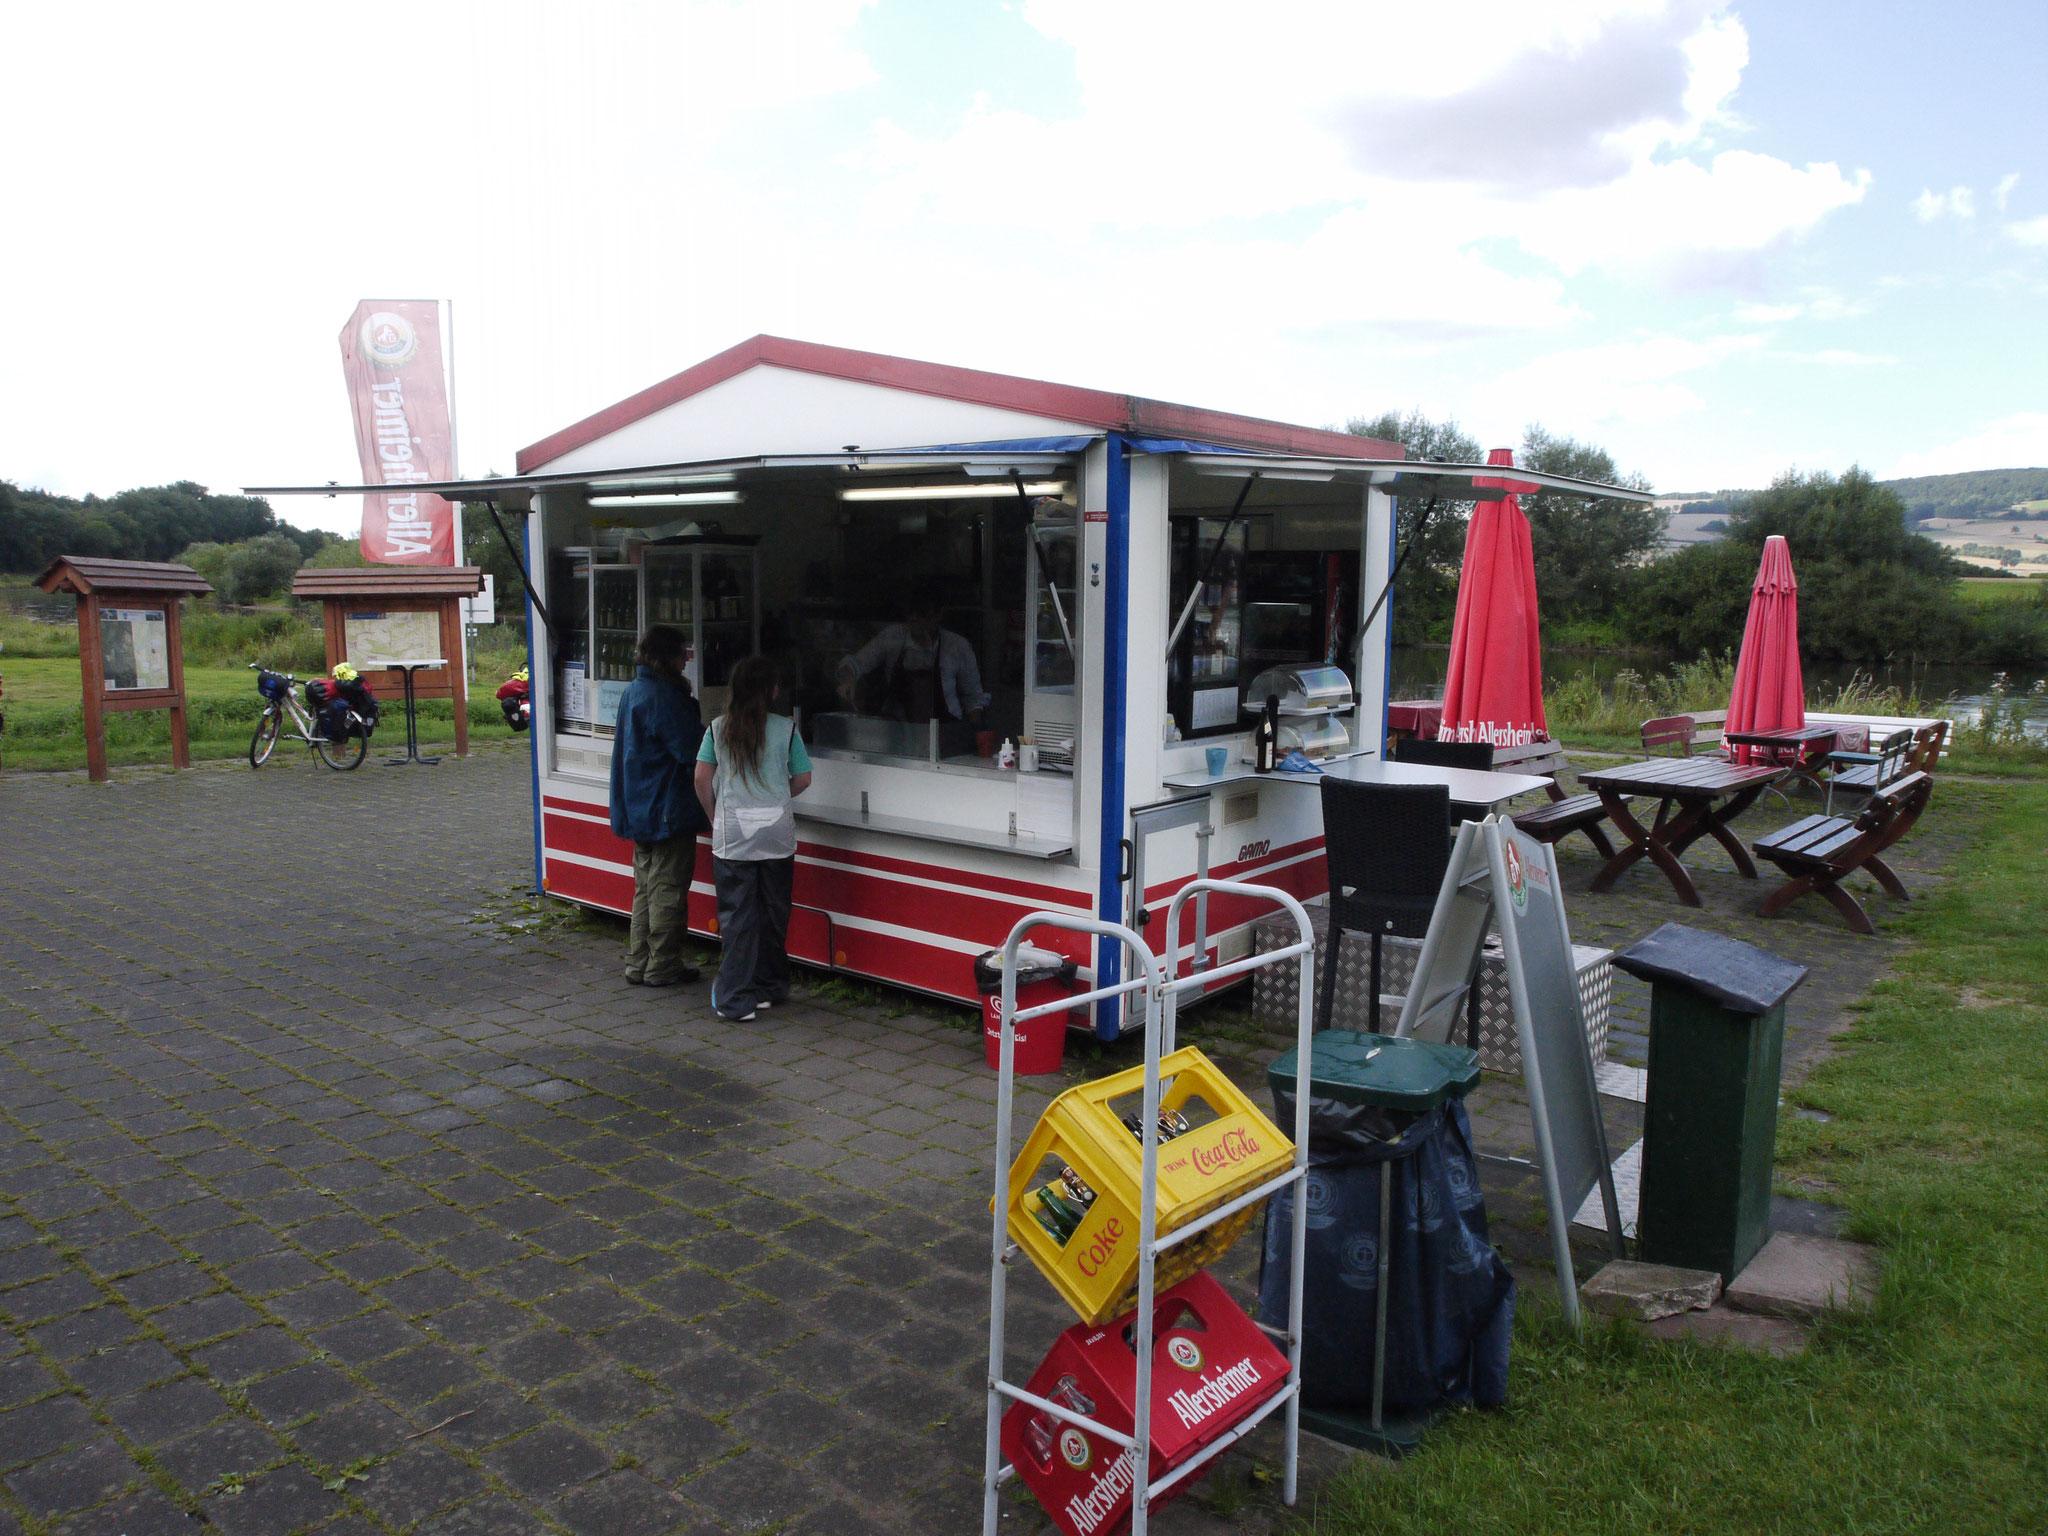 Radlerparadies Reileifzen, Imbiss an der Weser